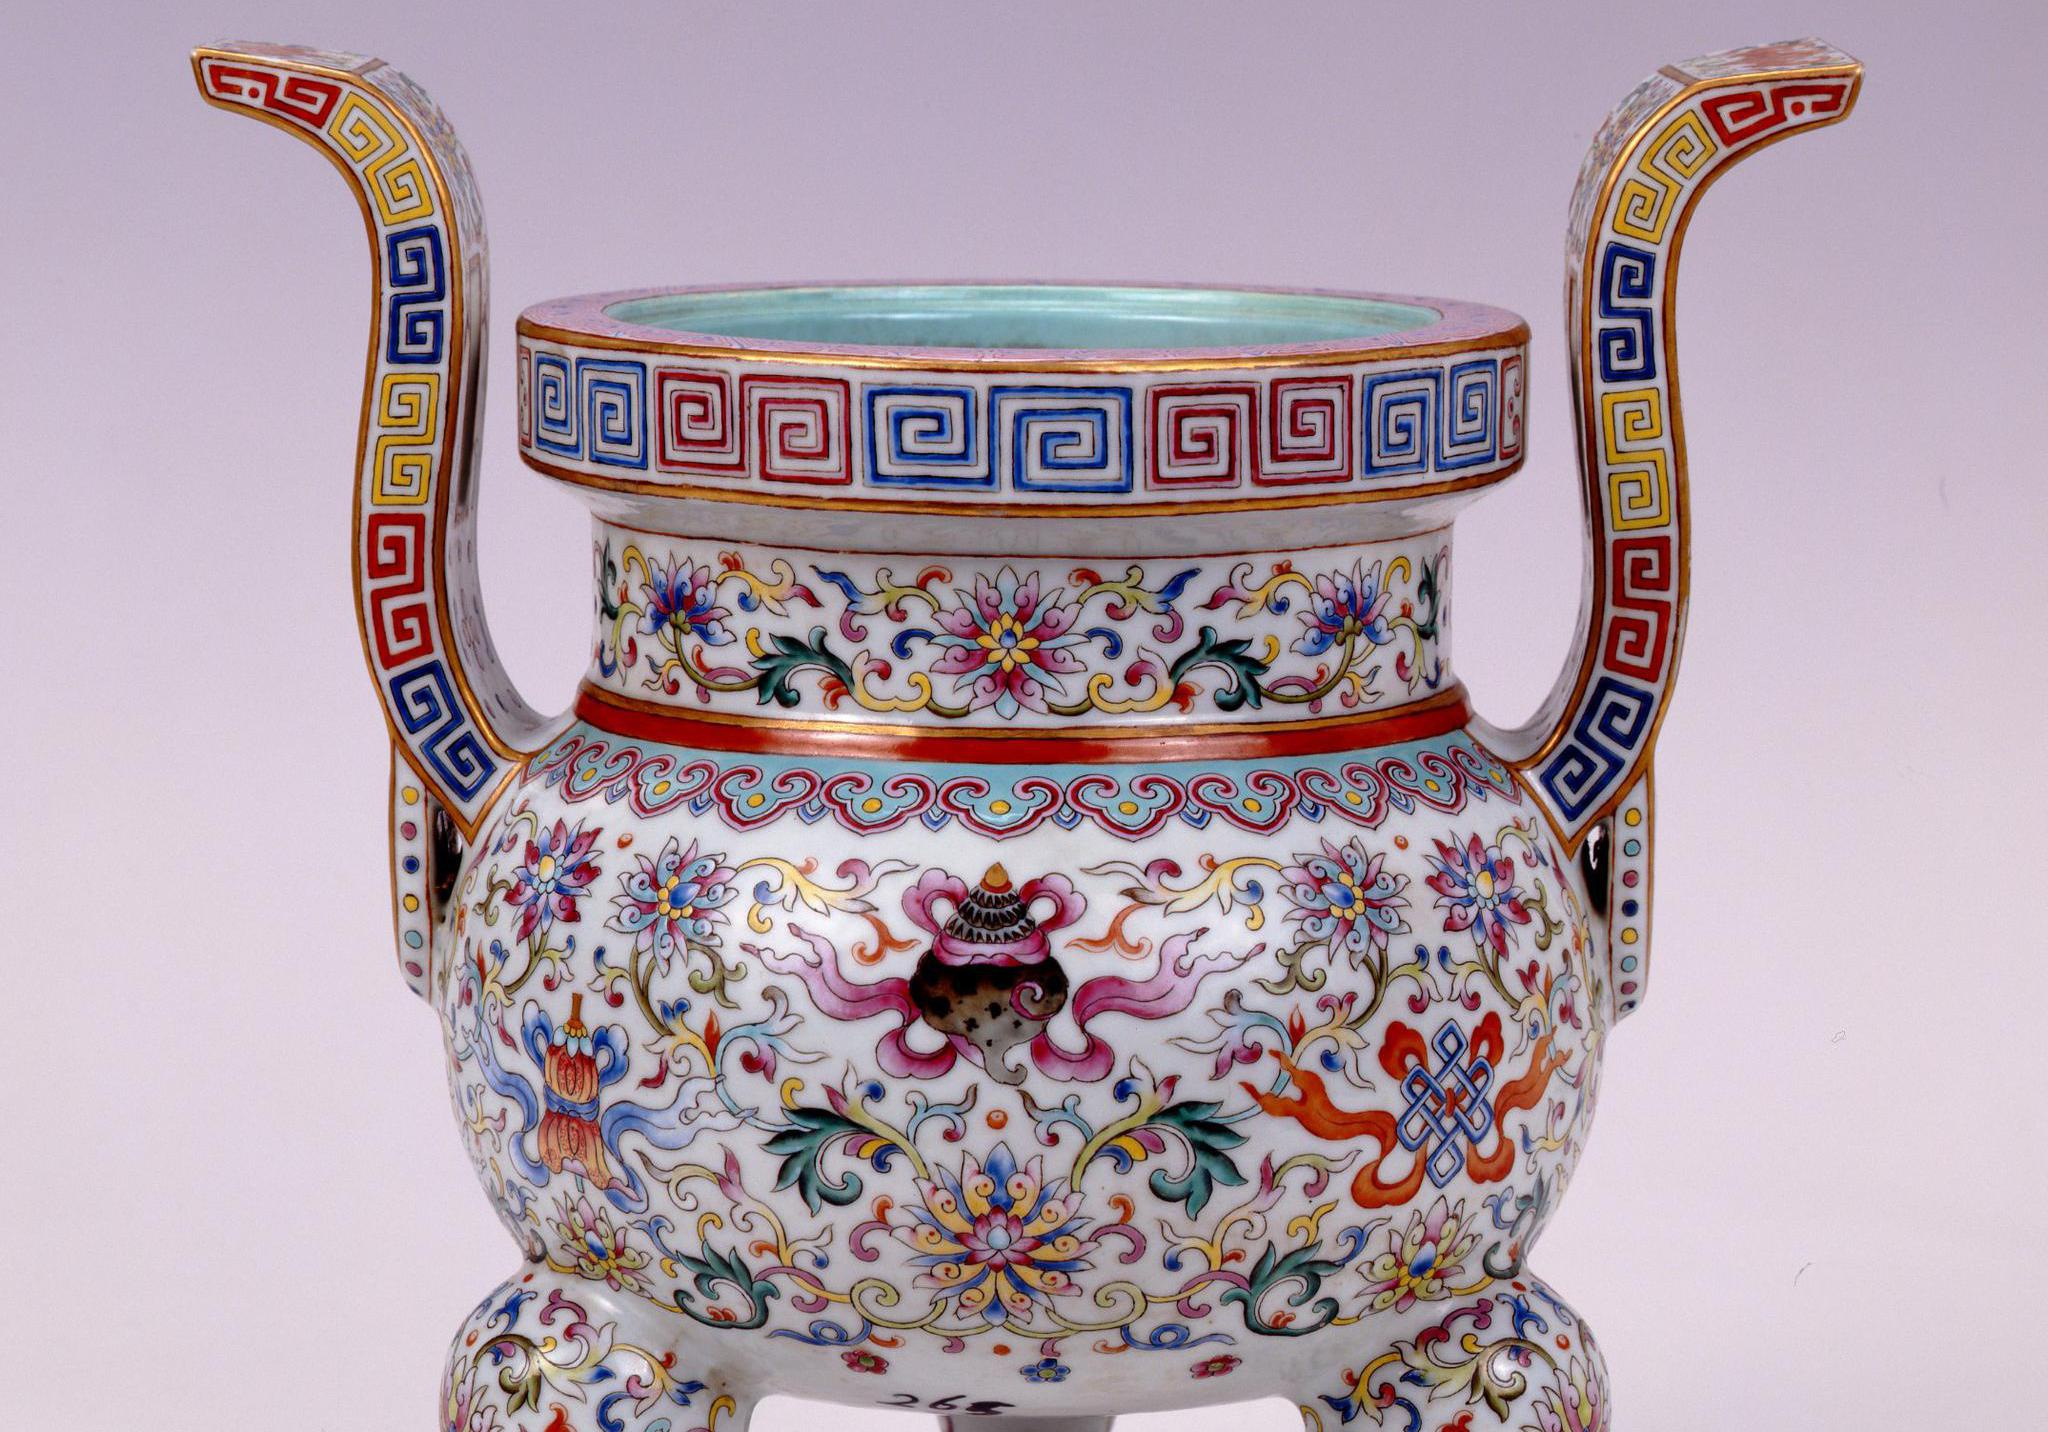 布达拉宫文物4:皇家赏赐文物,竟与国家宝藏文物相似,百姓禁用